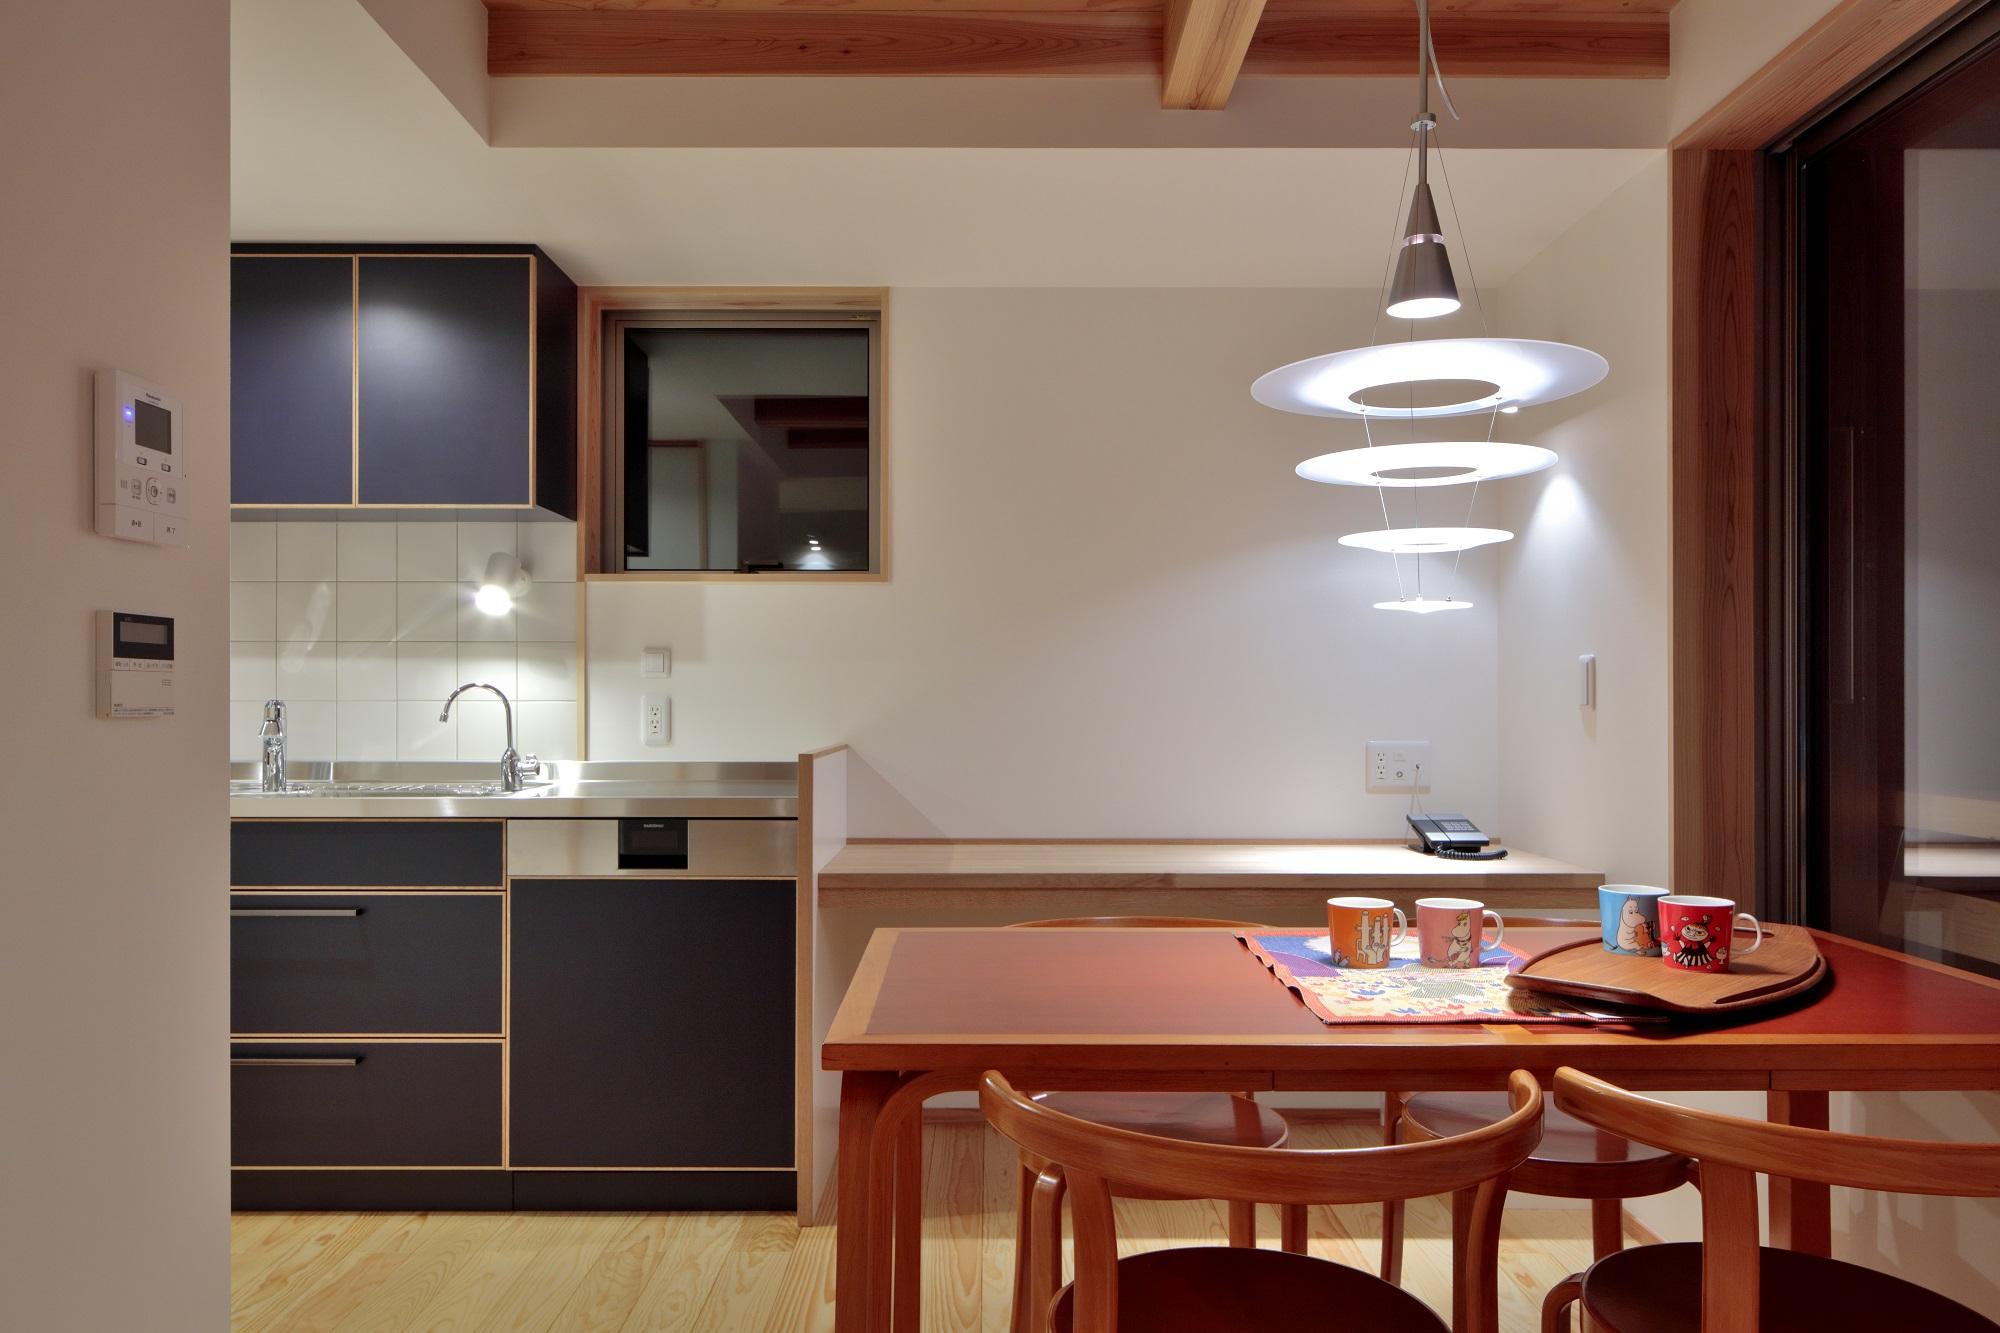 浜松市の建築設計事務所|まりこ建築デザイン株式会社